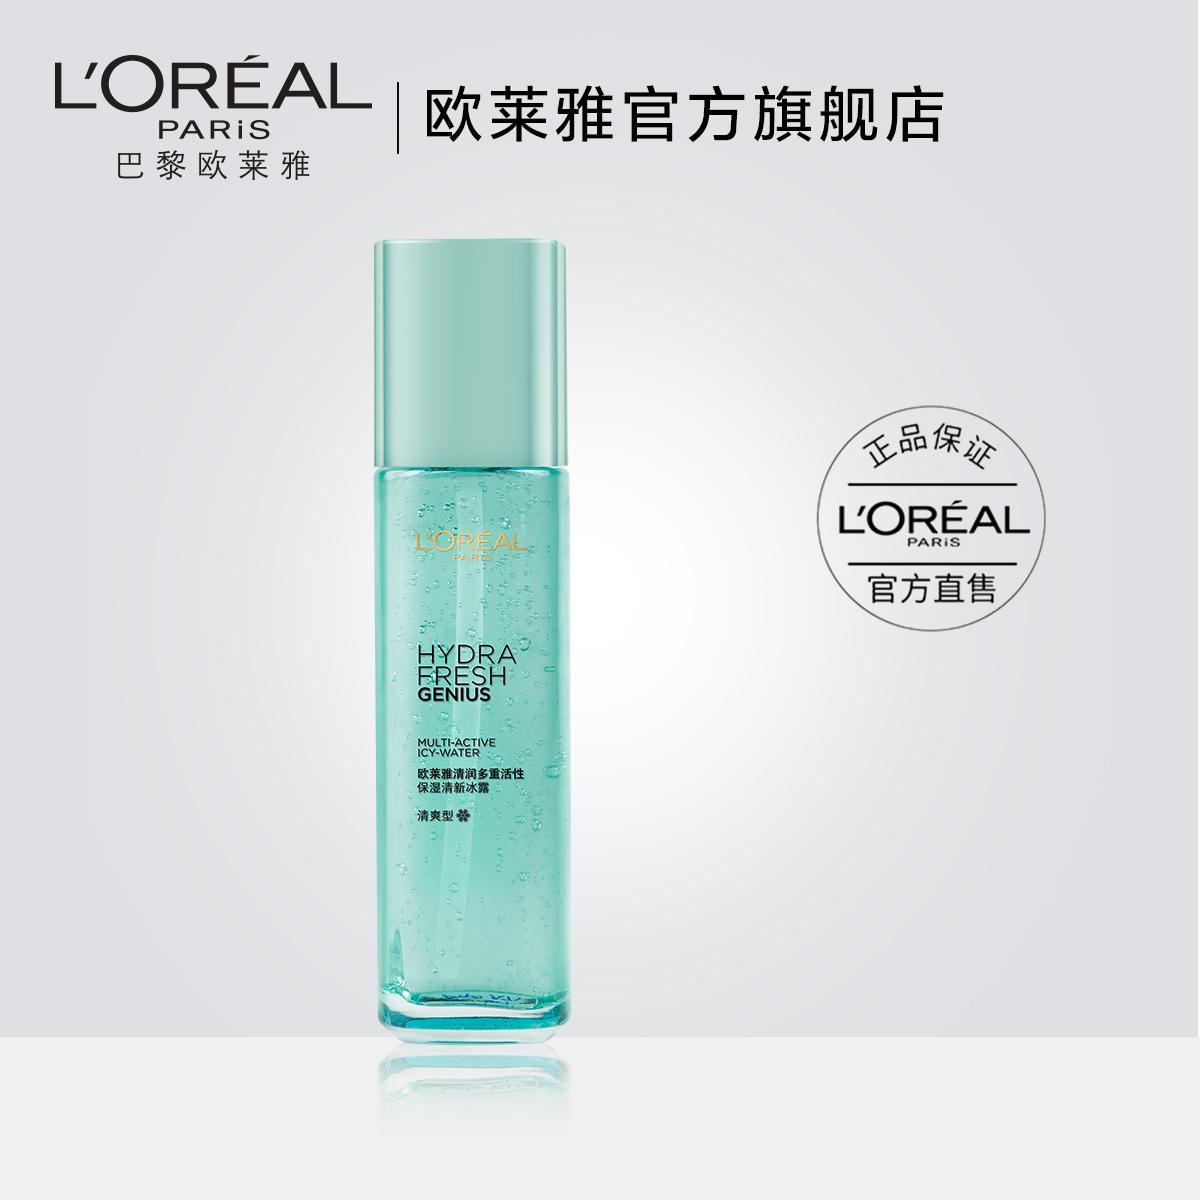 欧莱雅清润多重活性保湿清新冰露深层补水保湿爽肤水女清爽型正品